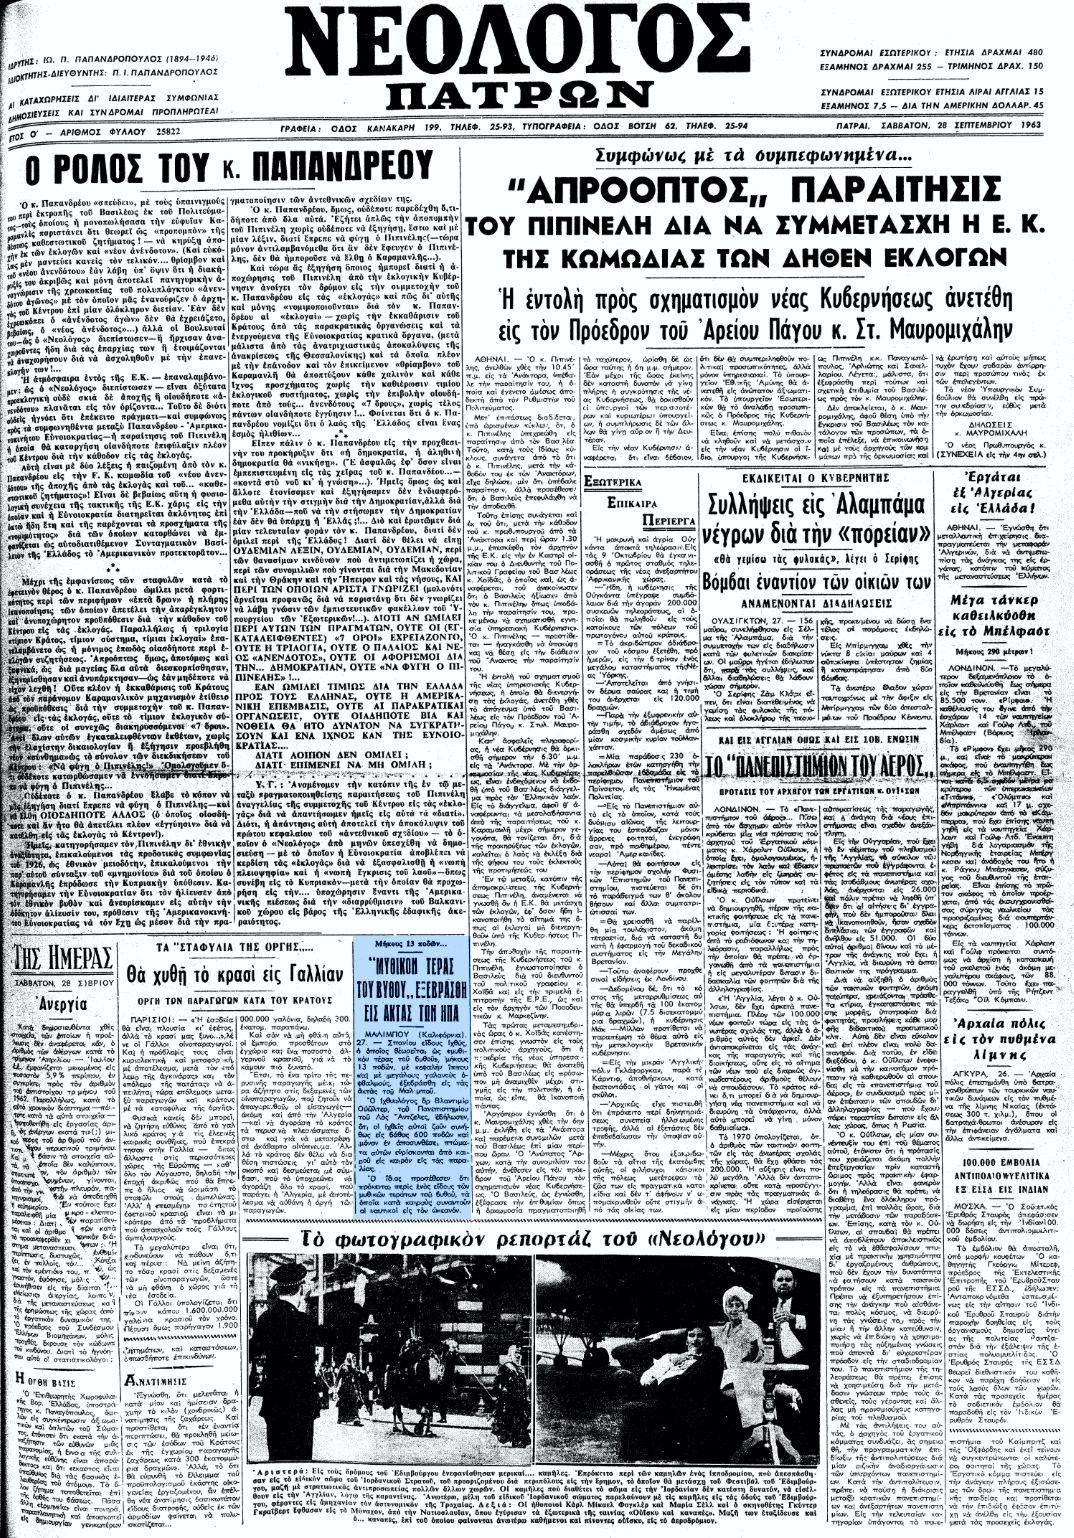 """Το άρθρο, όπως δημοσιεύθηκε στην εφημερίδα """"ΝΕΟΛΟΓΟΣ ΠΑΤΡΩΝ"""", στις 28/09/1963"""